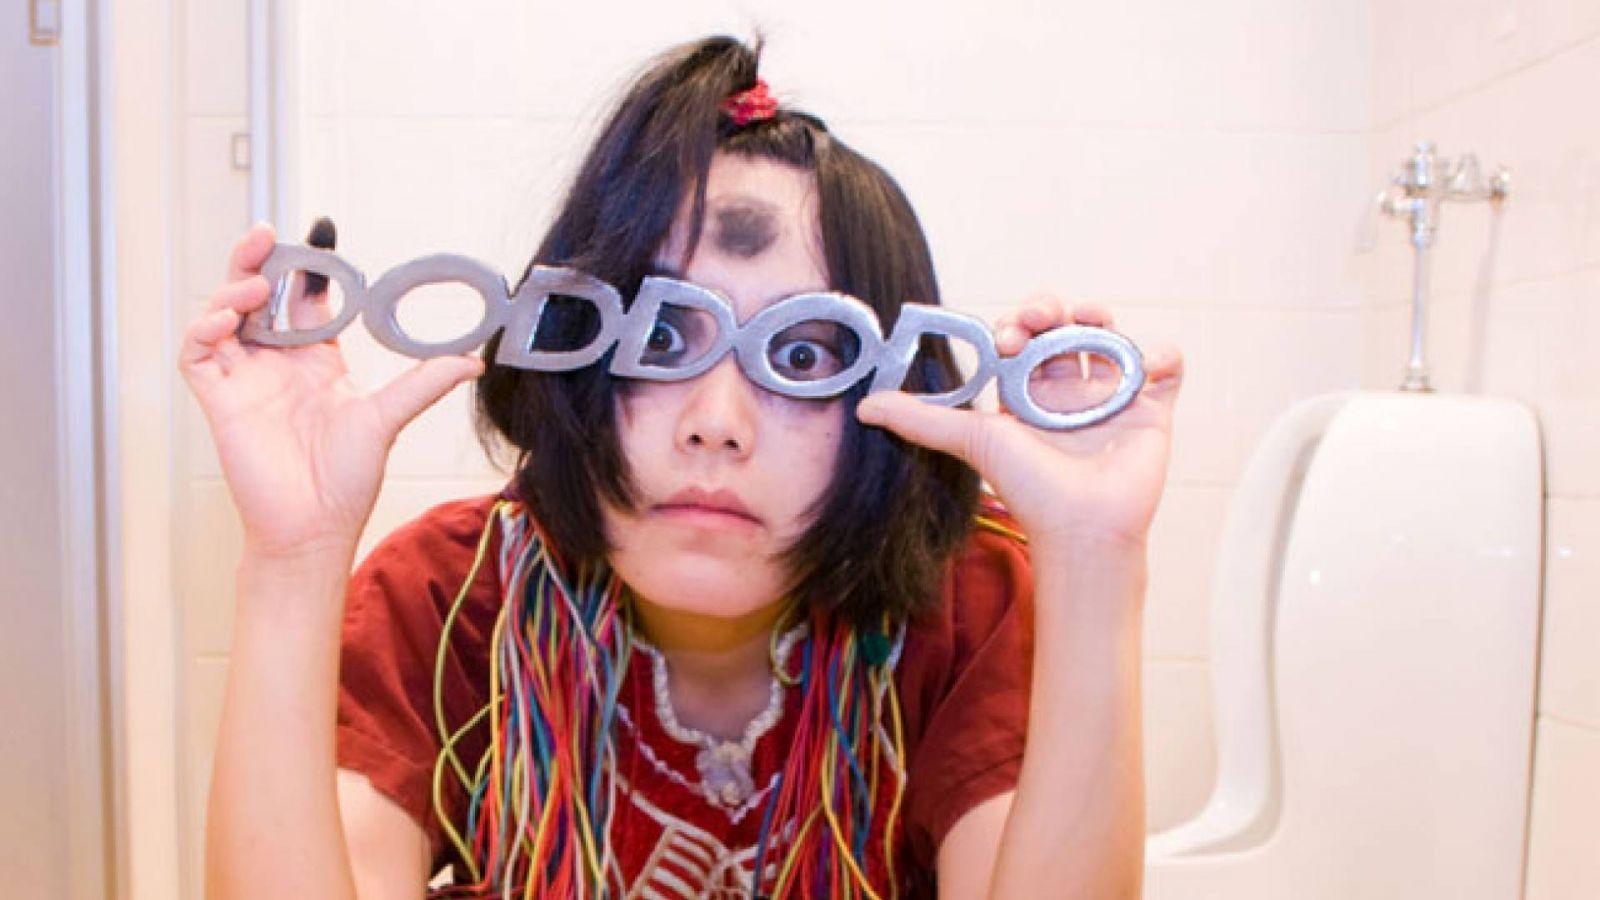 DODDODO © Eric Bossick